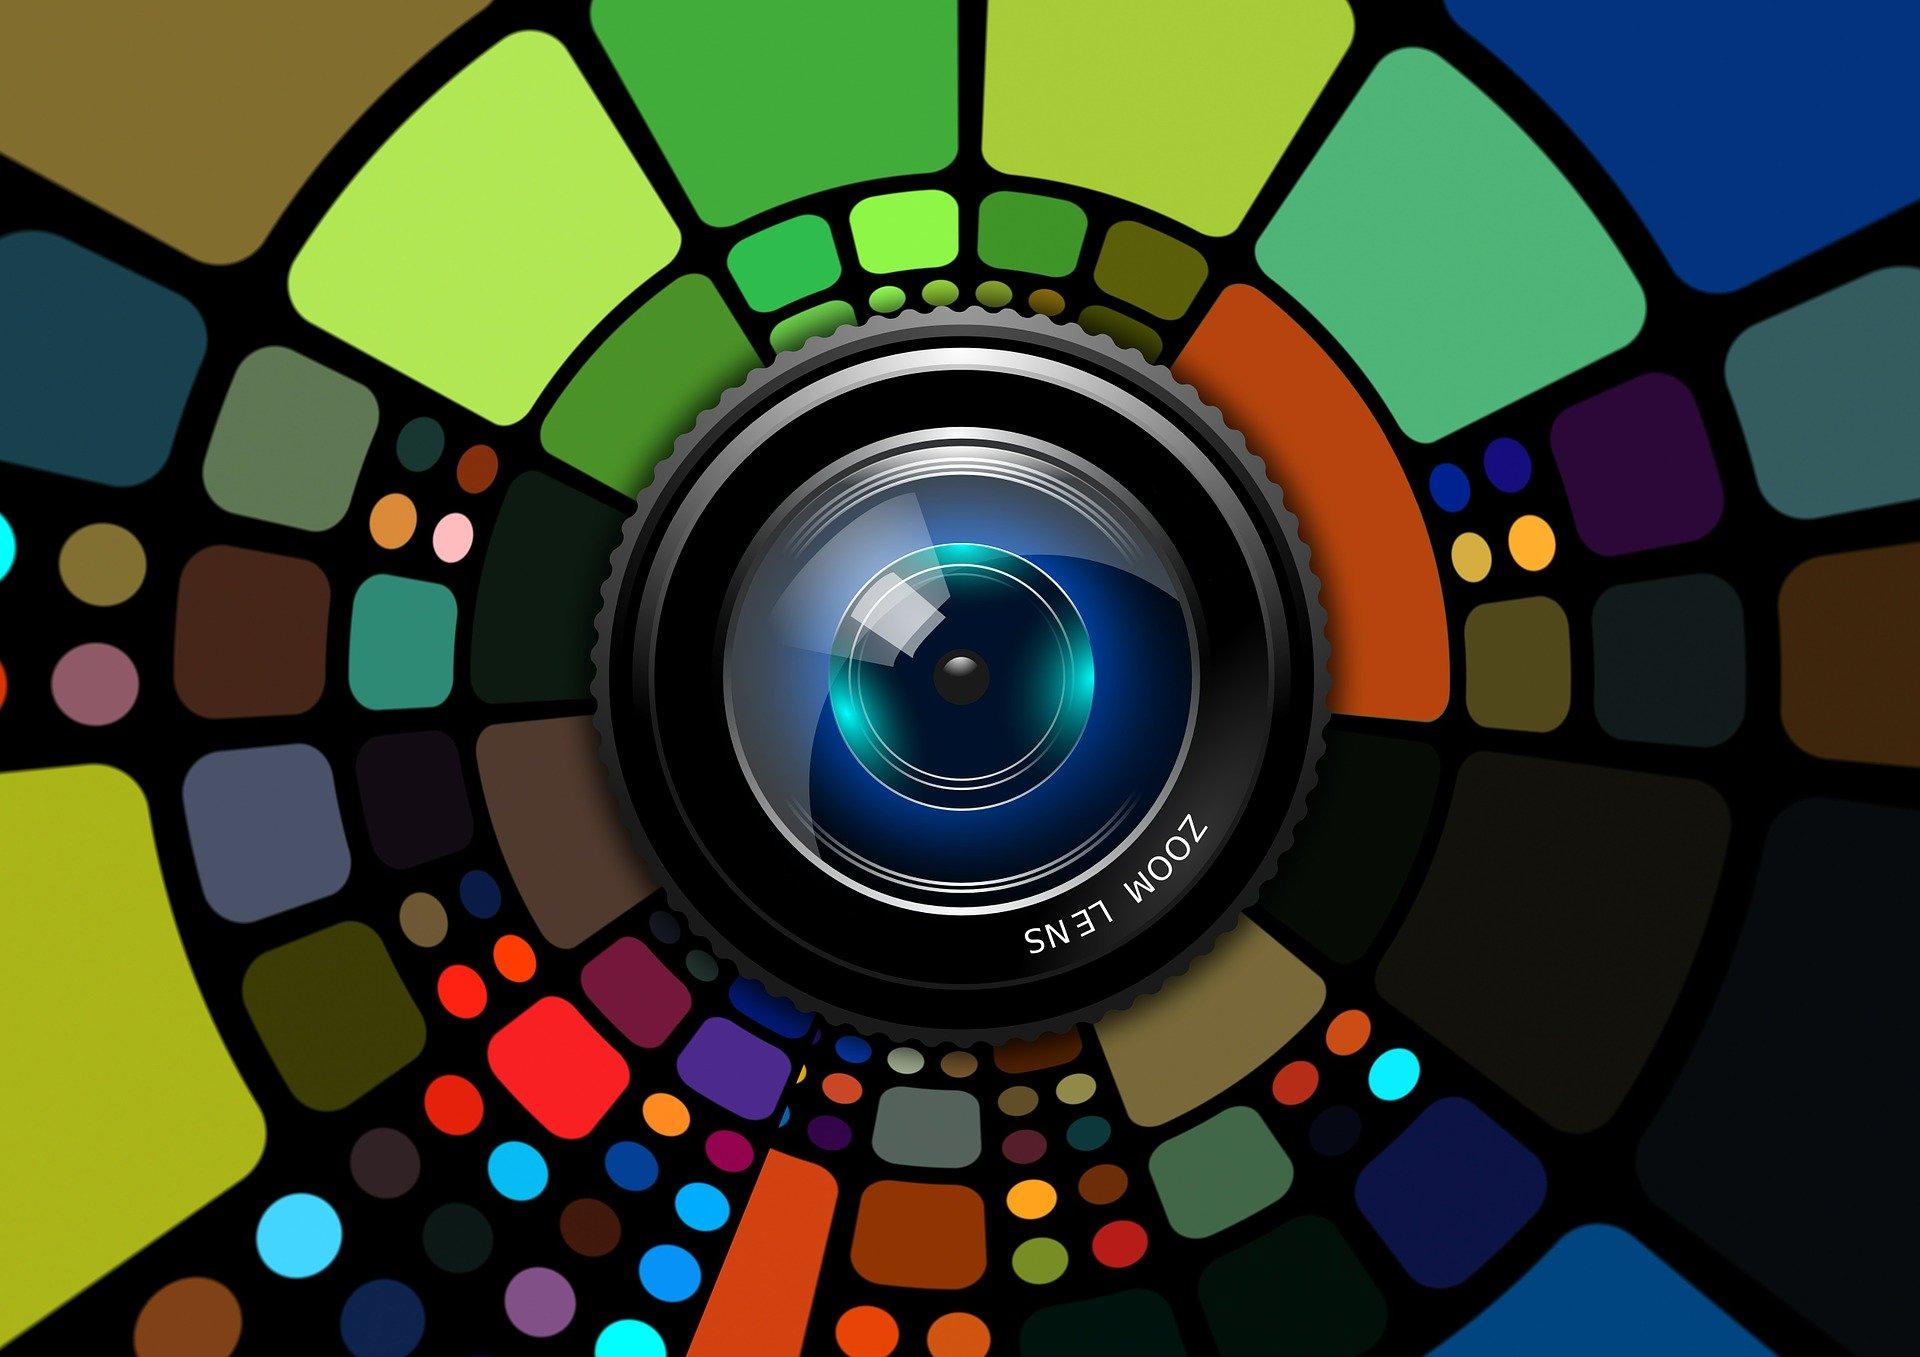 La inteligencia artificial permite agrandar imágenes sin perder calidad